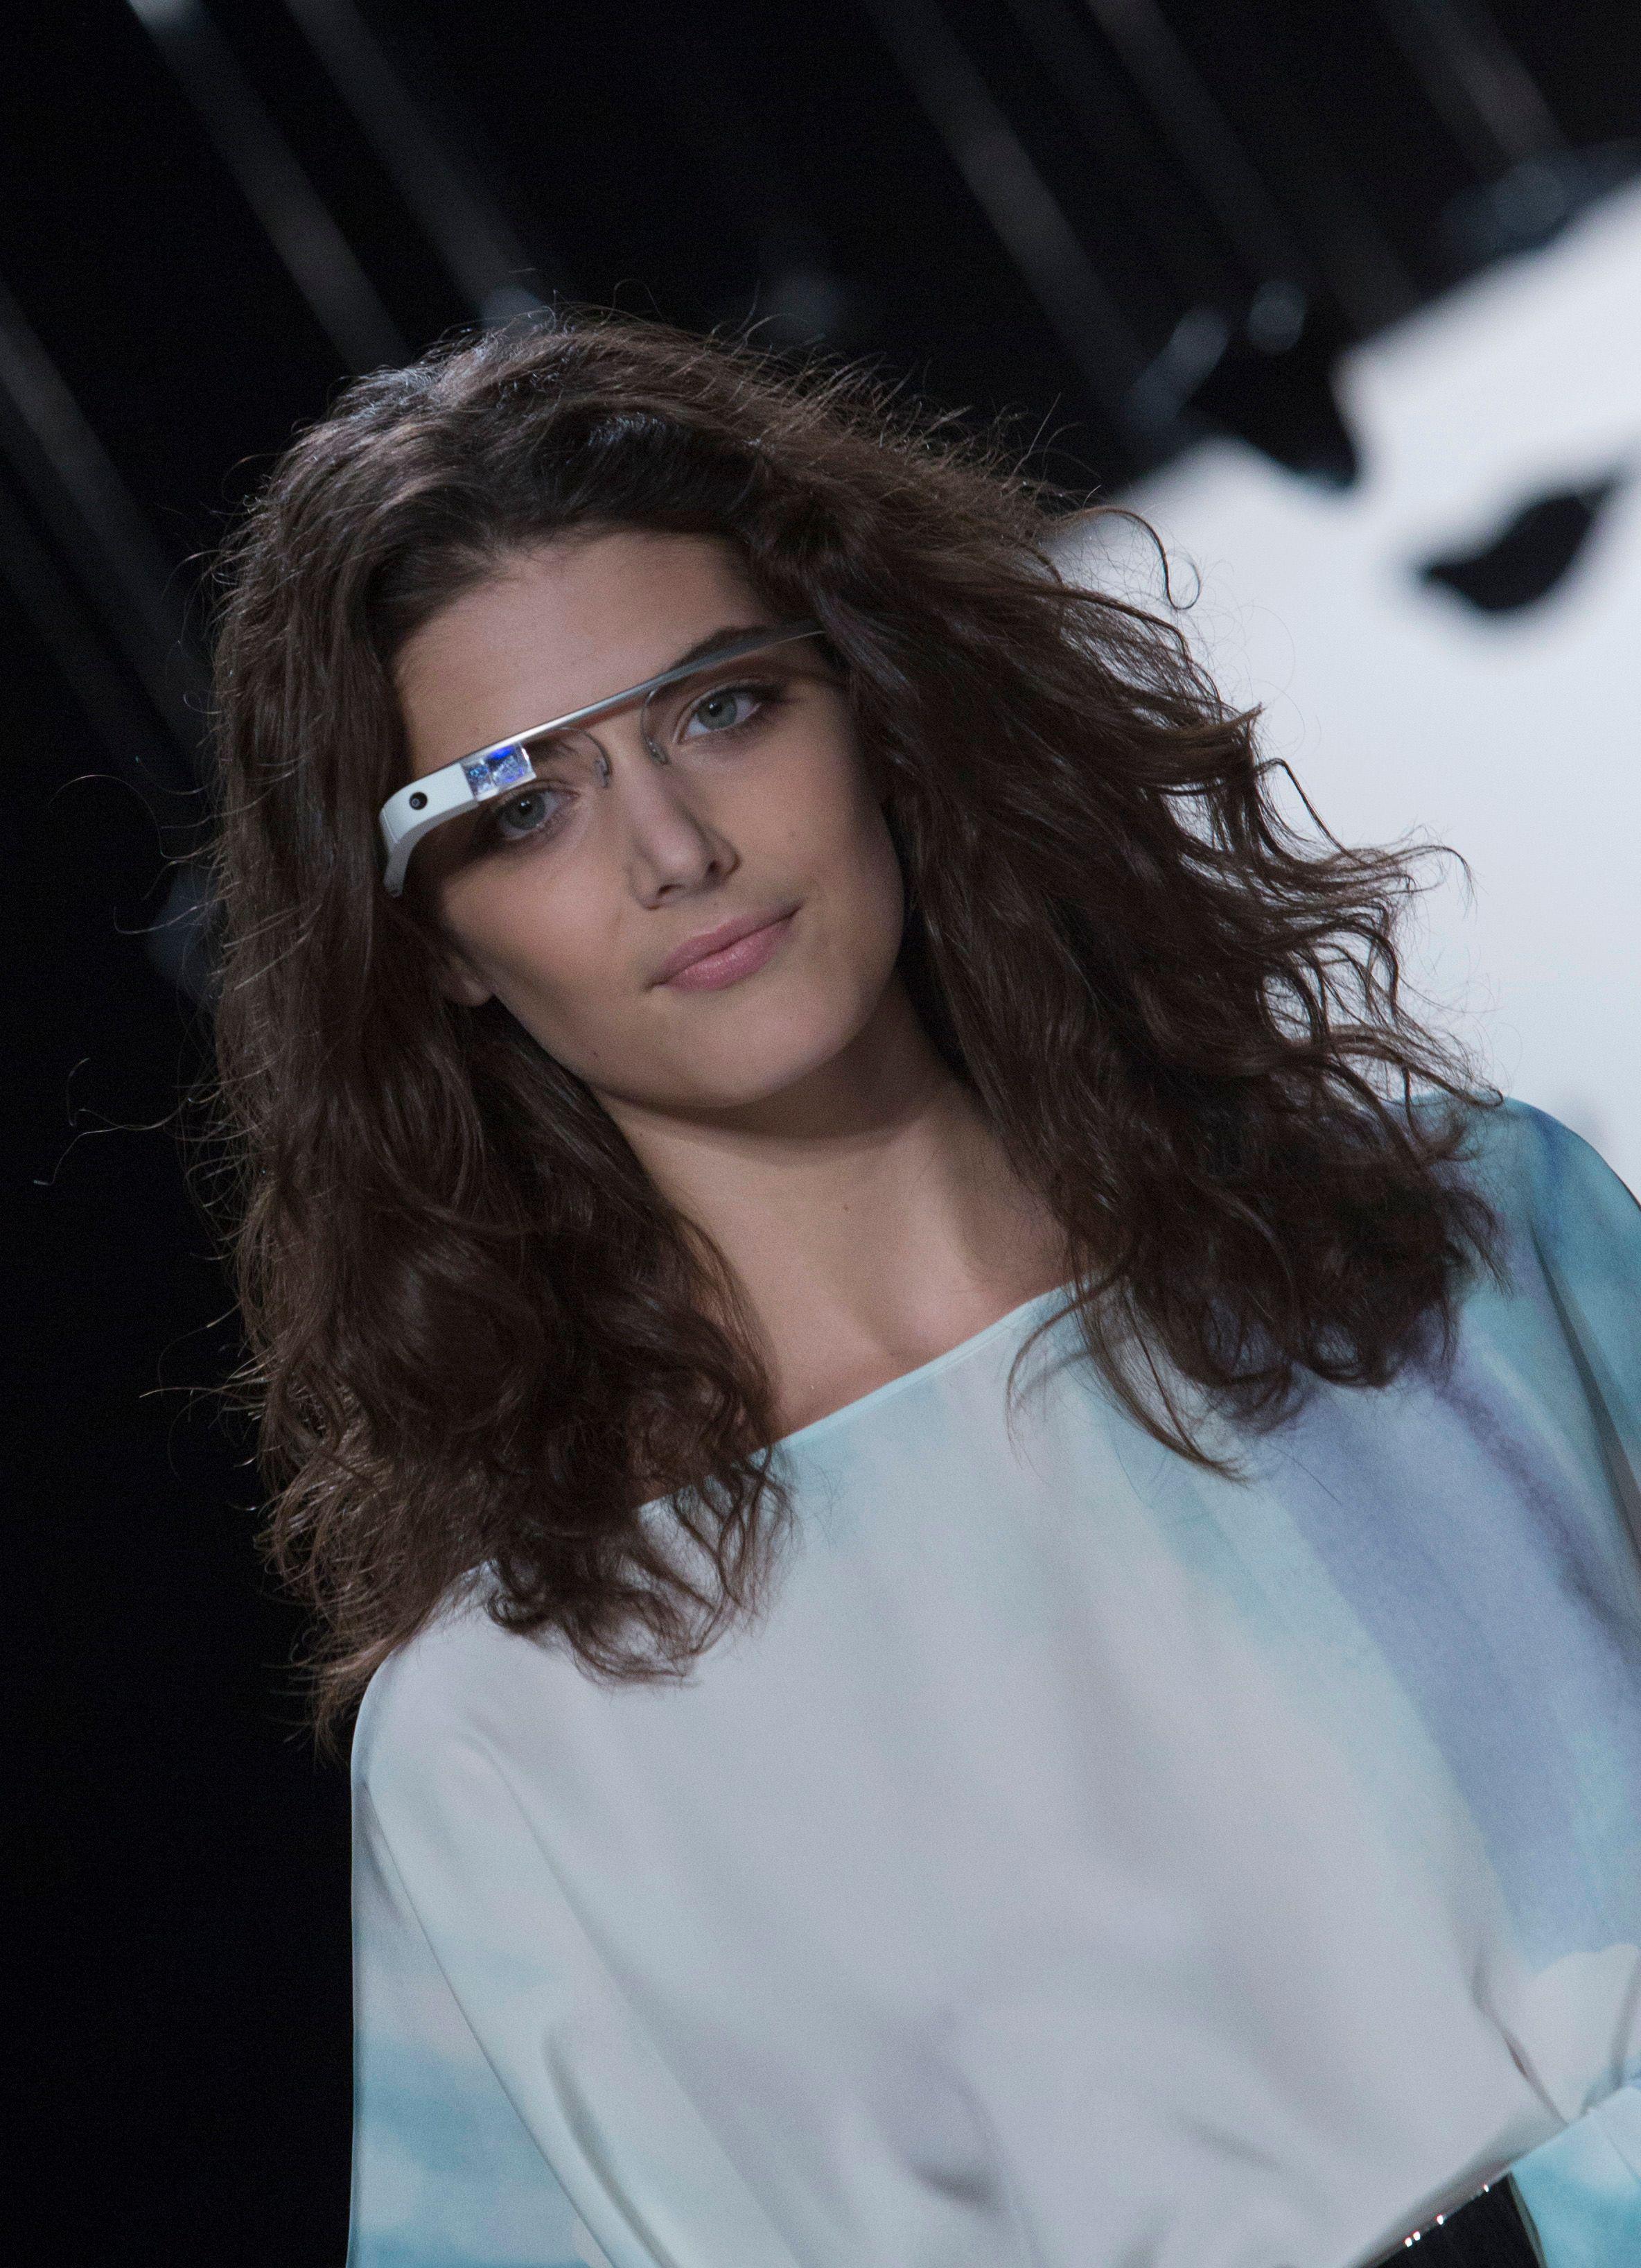 C'est avec des Google glass comme celle-ci que Cecilia Abadie conduisait